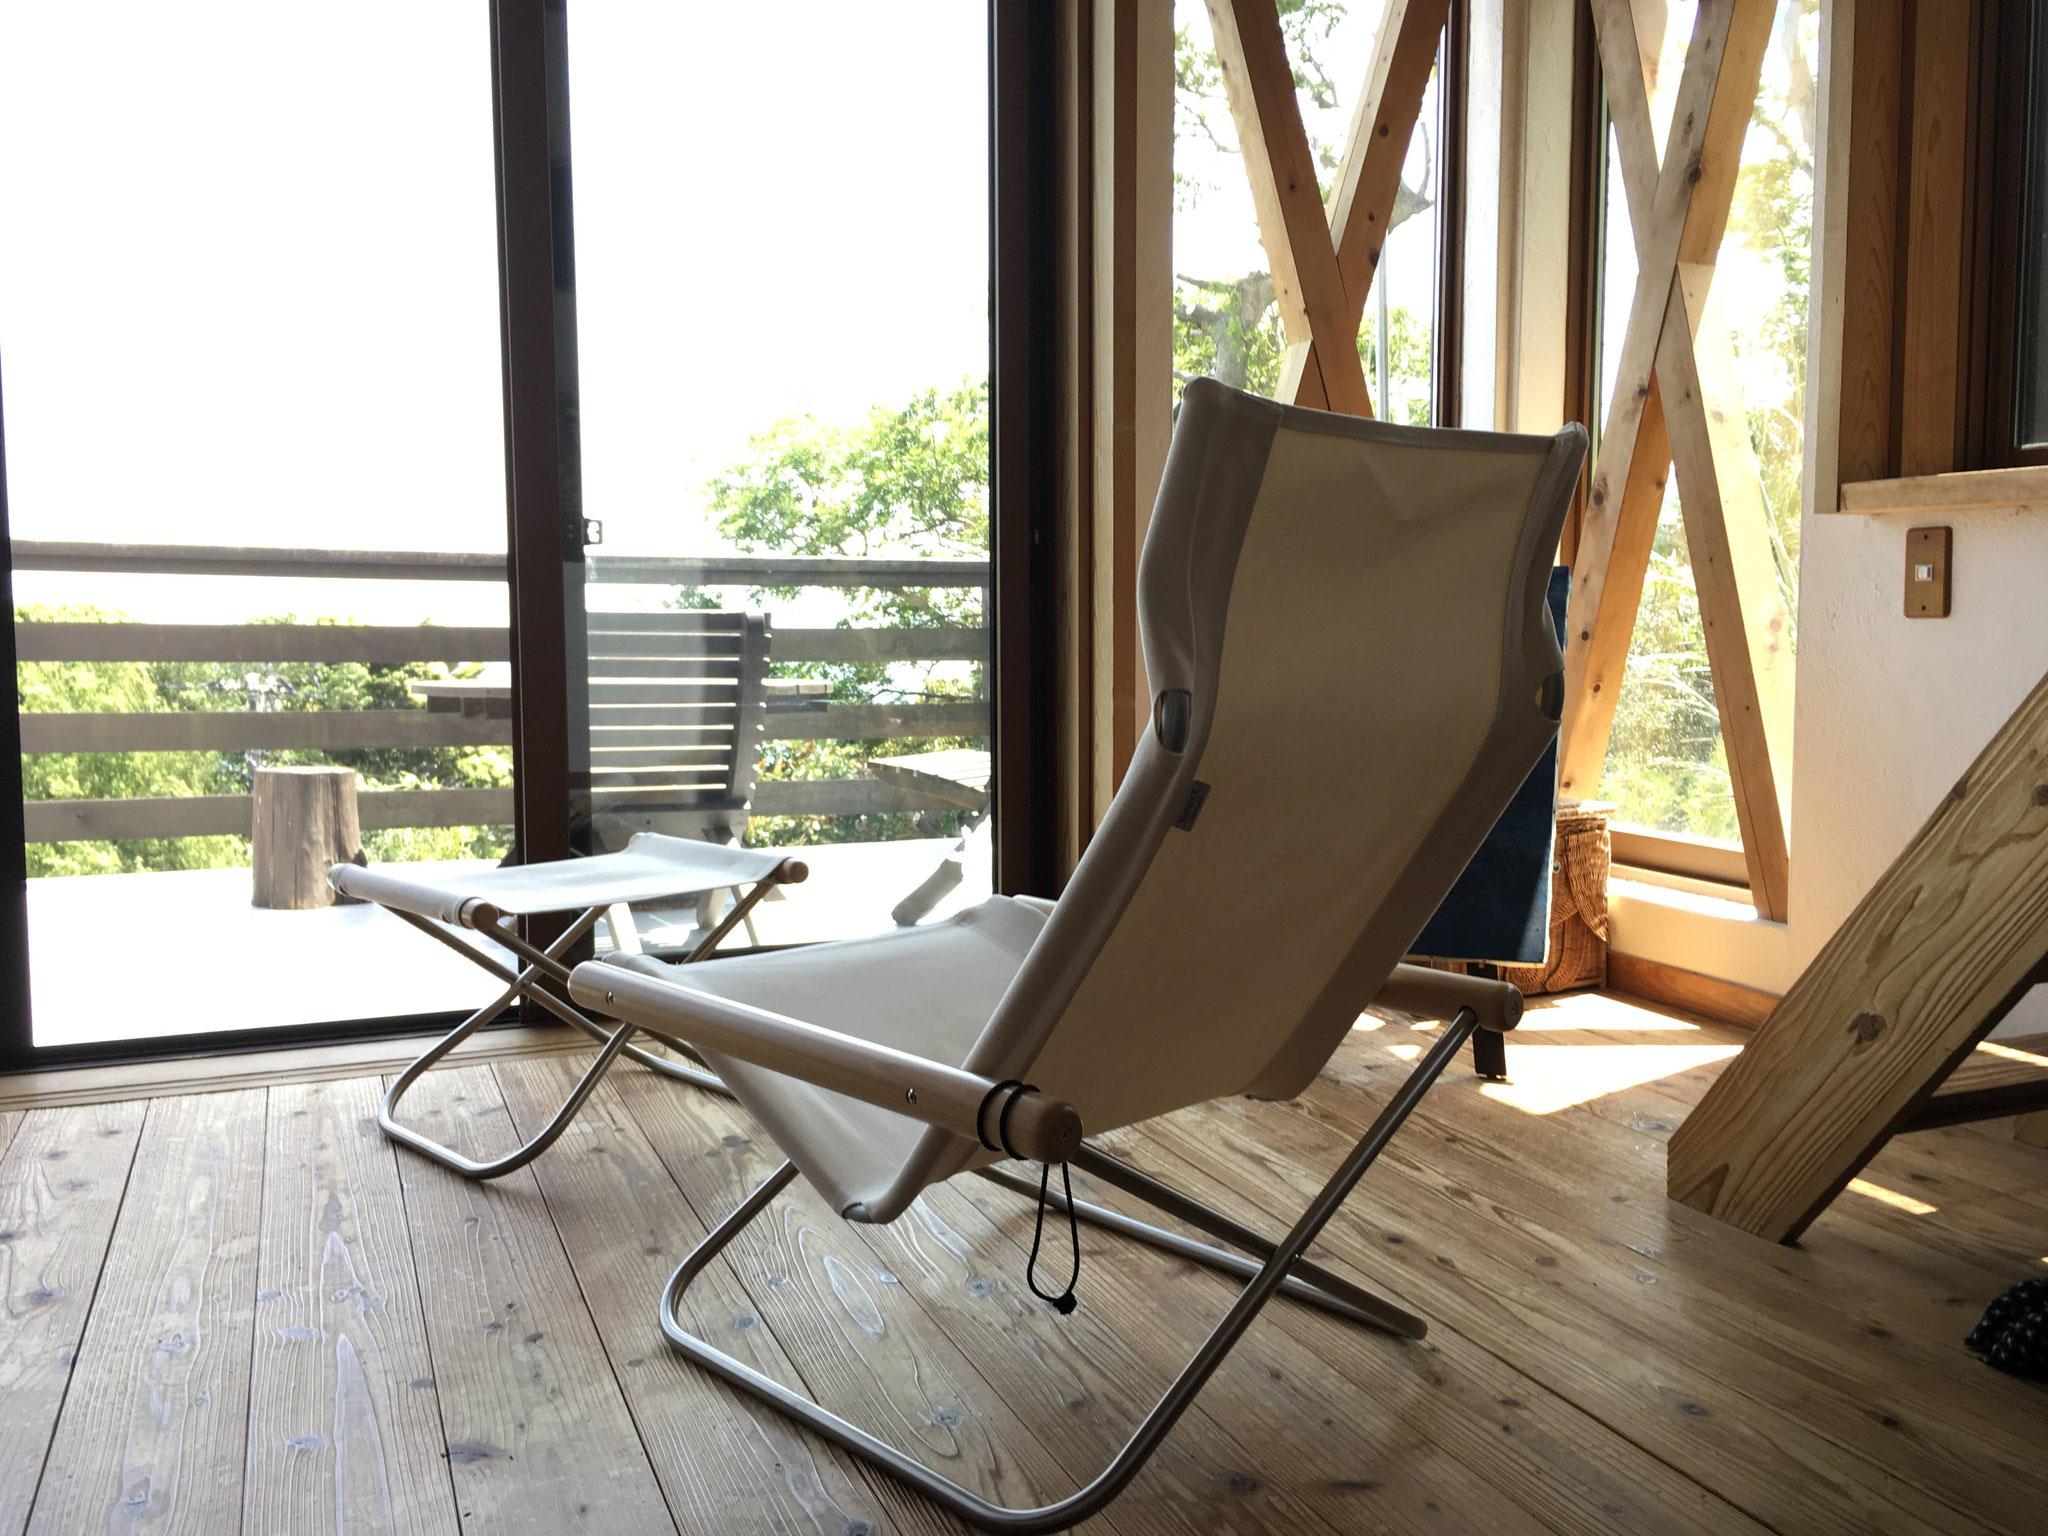 お気に入りの椅子 私の瞑想タイムはここ♪